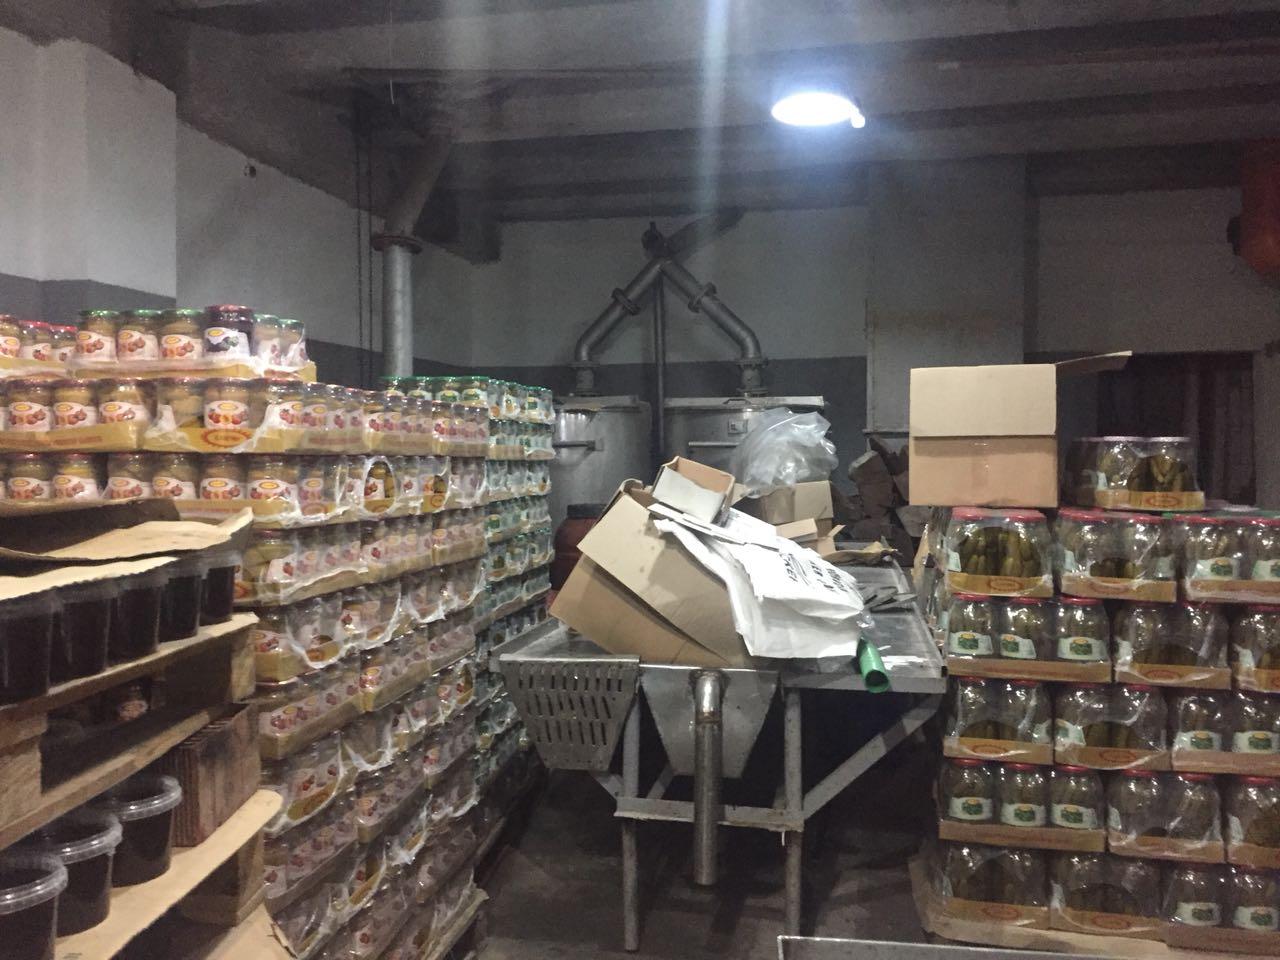 AKU bllokon 762 kg produkte ushqimore të skaduara, vinin nga importi